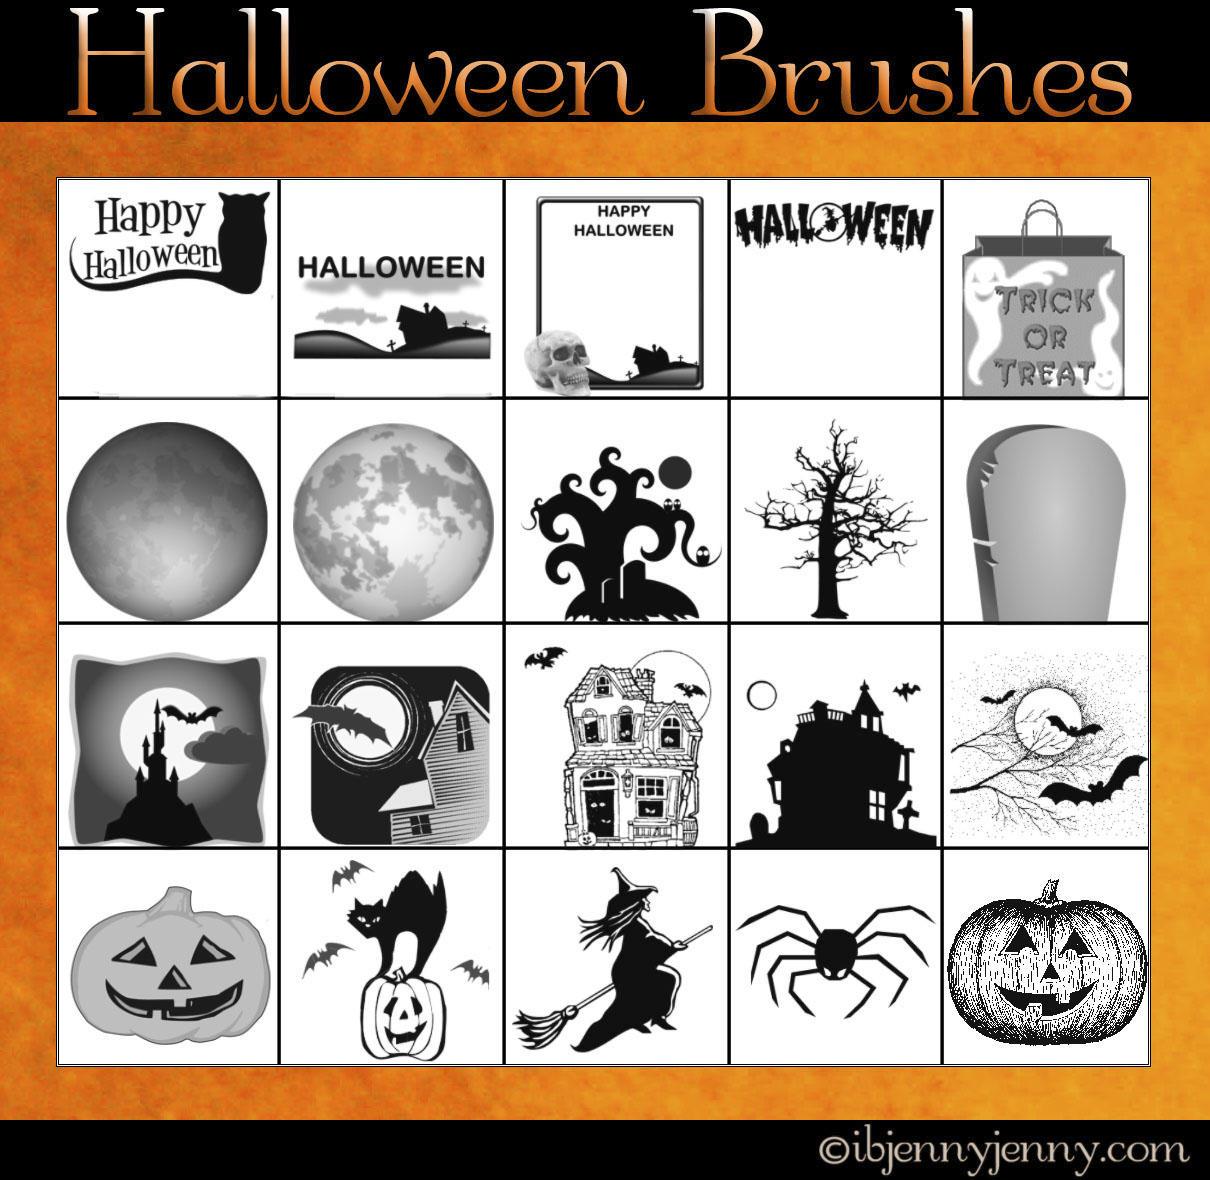 Free Halloween Photoshop Brushes by ibjennyjenny